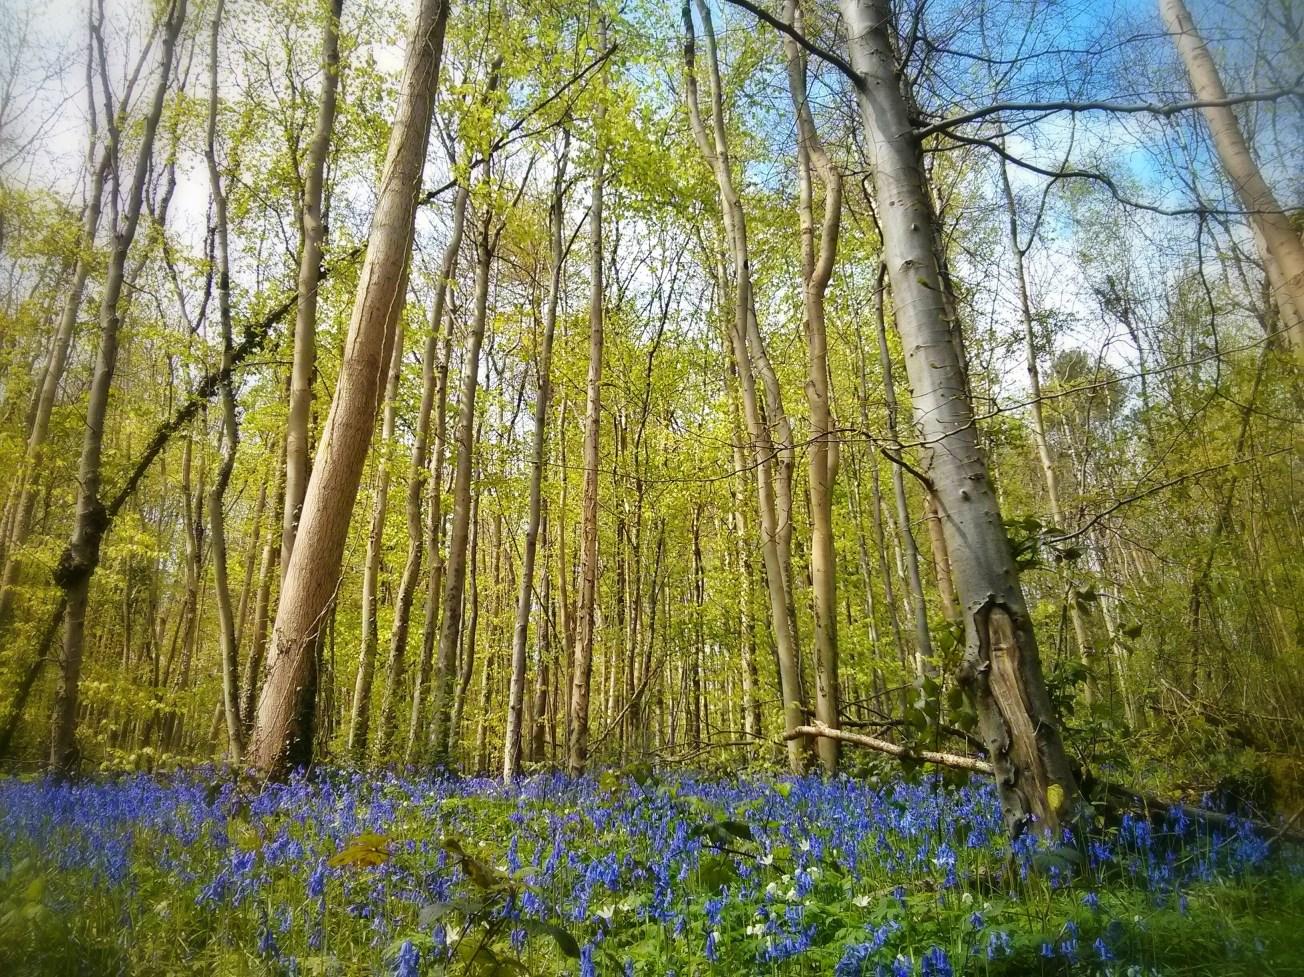 Fforest Fawr Bluebells